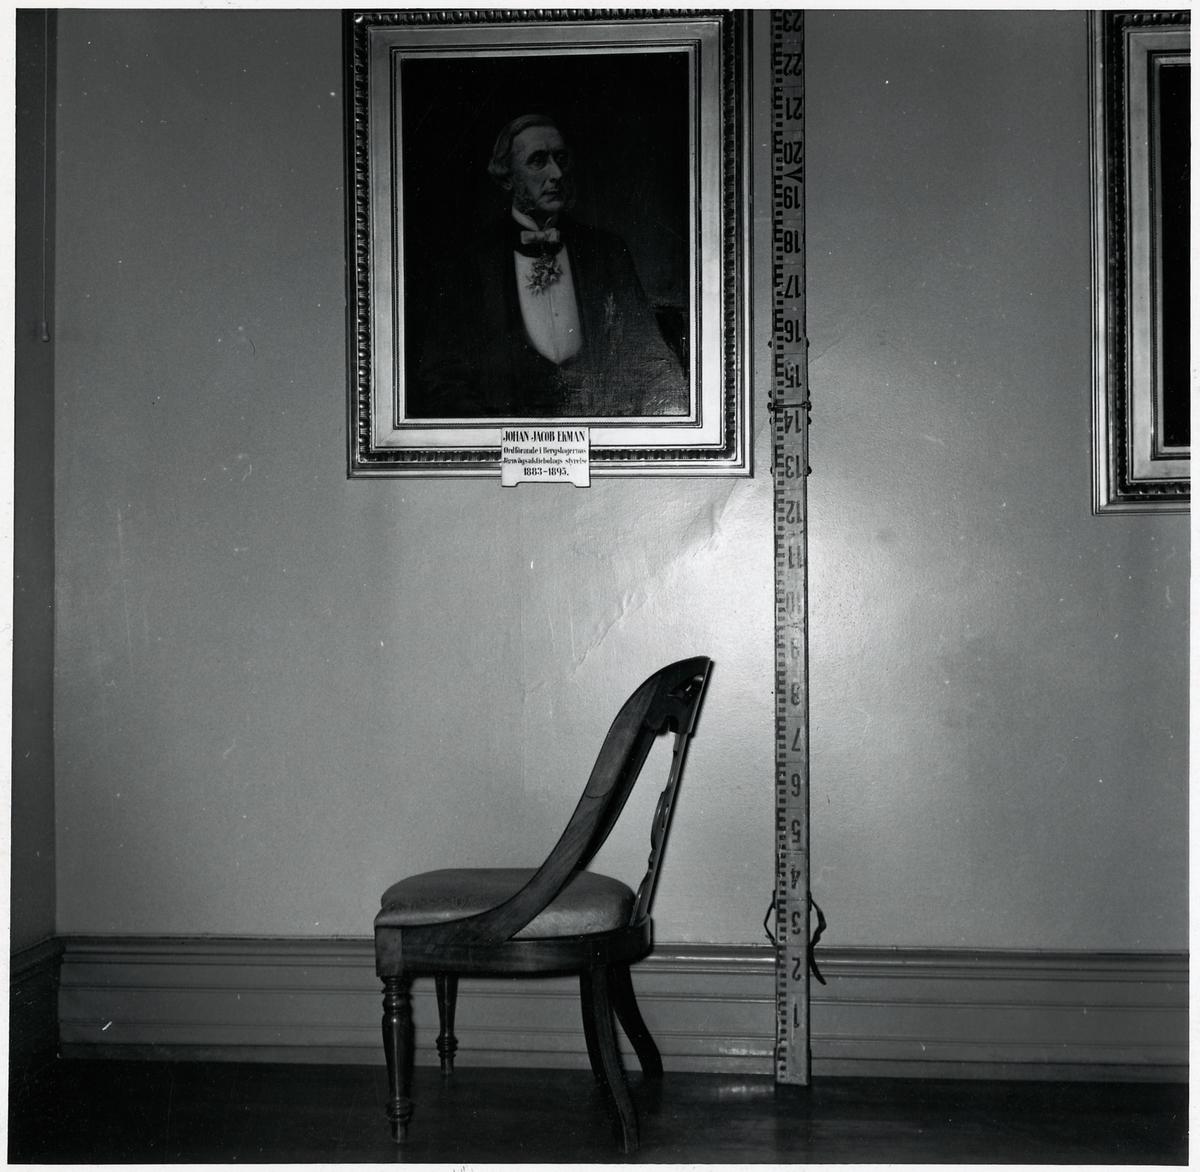 Stol i rum 203 Göteborgs Centralstation. Tavlan på väggen är ett porträtt av Johan Jakob Ekman, ordförande i Bergslagernas Järnvägsaktiebolags styrelse under åren 1883 - 1895.